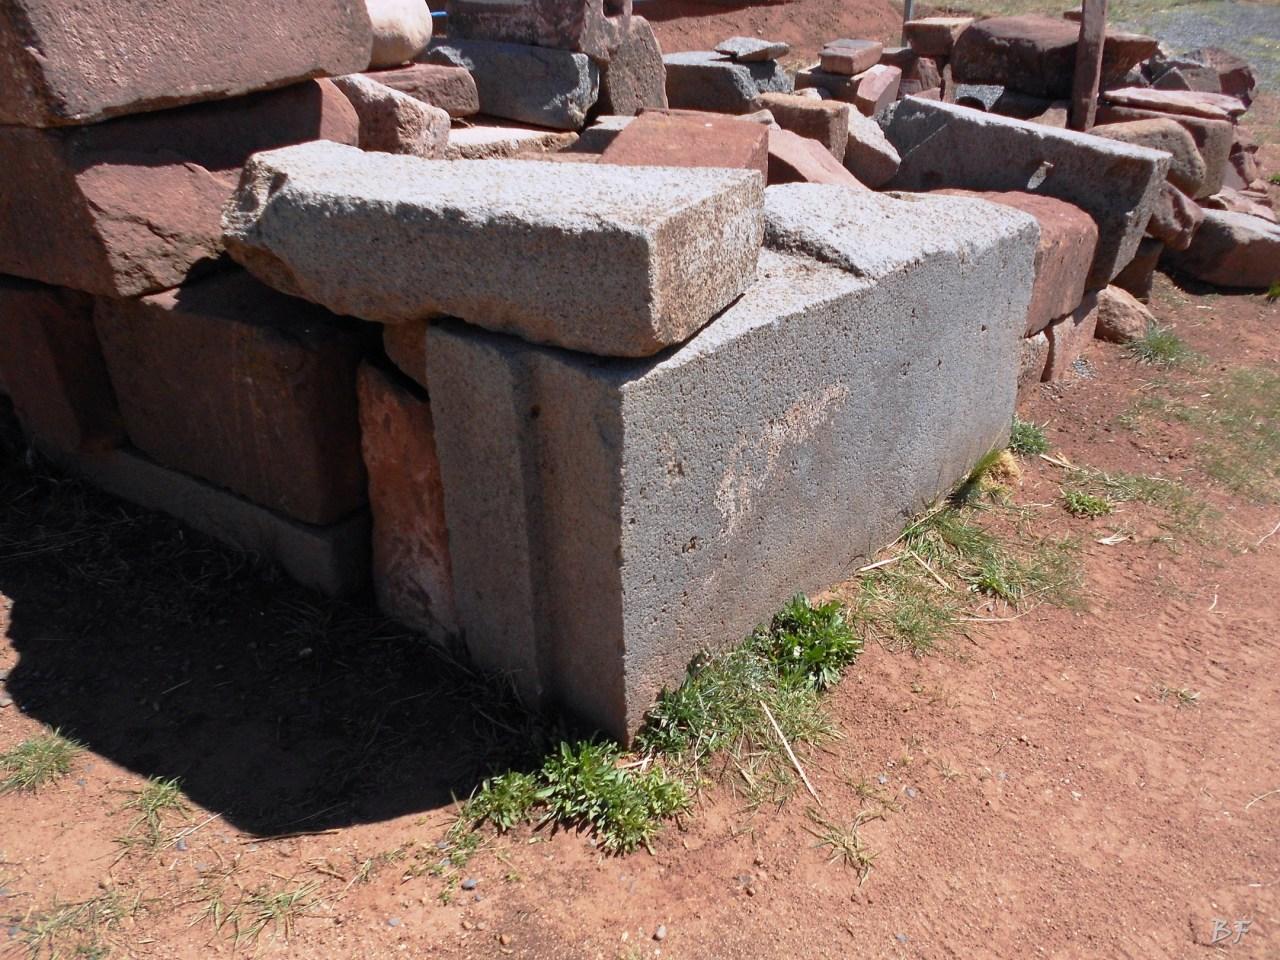 Puma-Punku-Area-Megalitica-Mura-Poligonali-Megaliti-Tiwanaku-Tiahuanaco-Bolivia-24